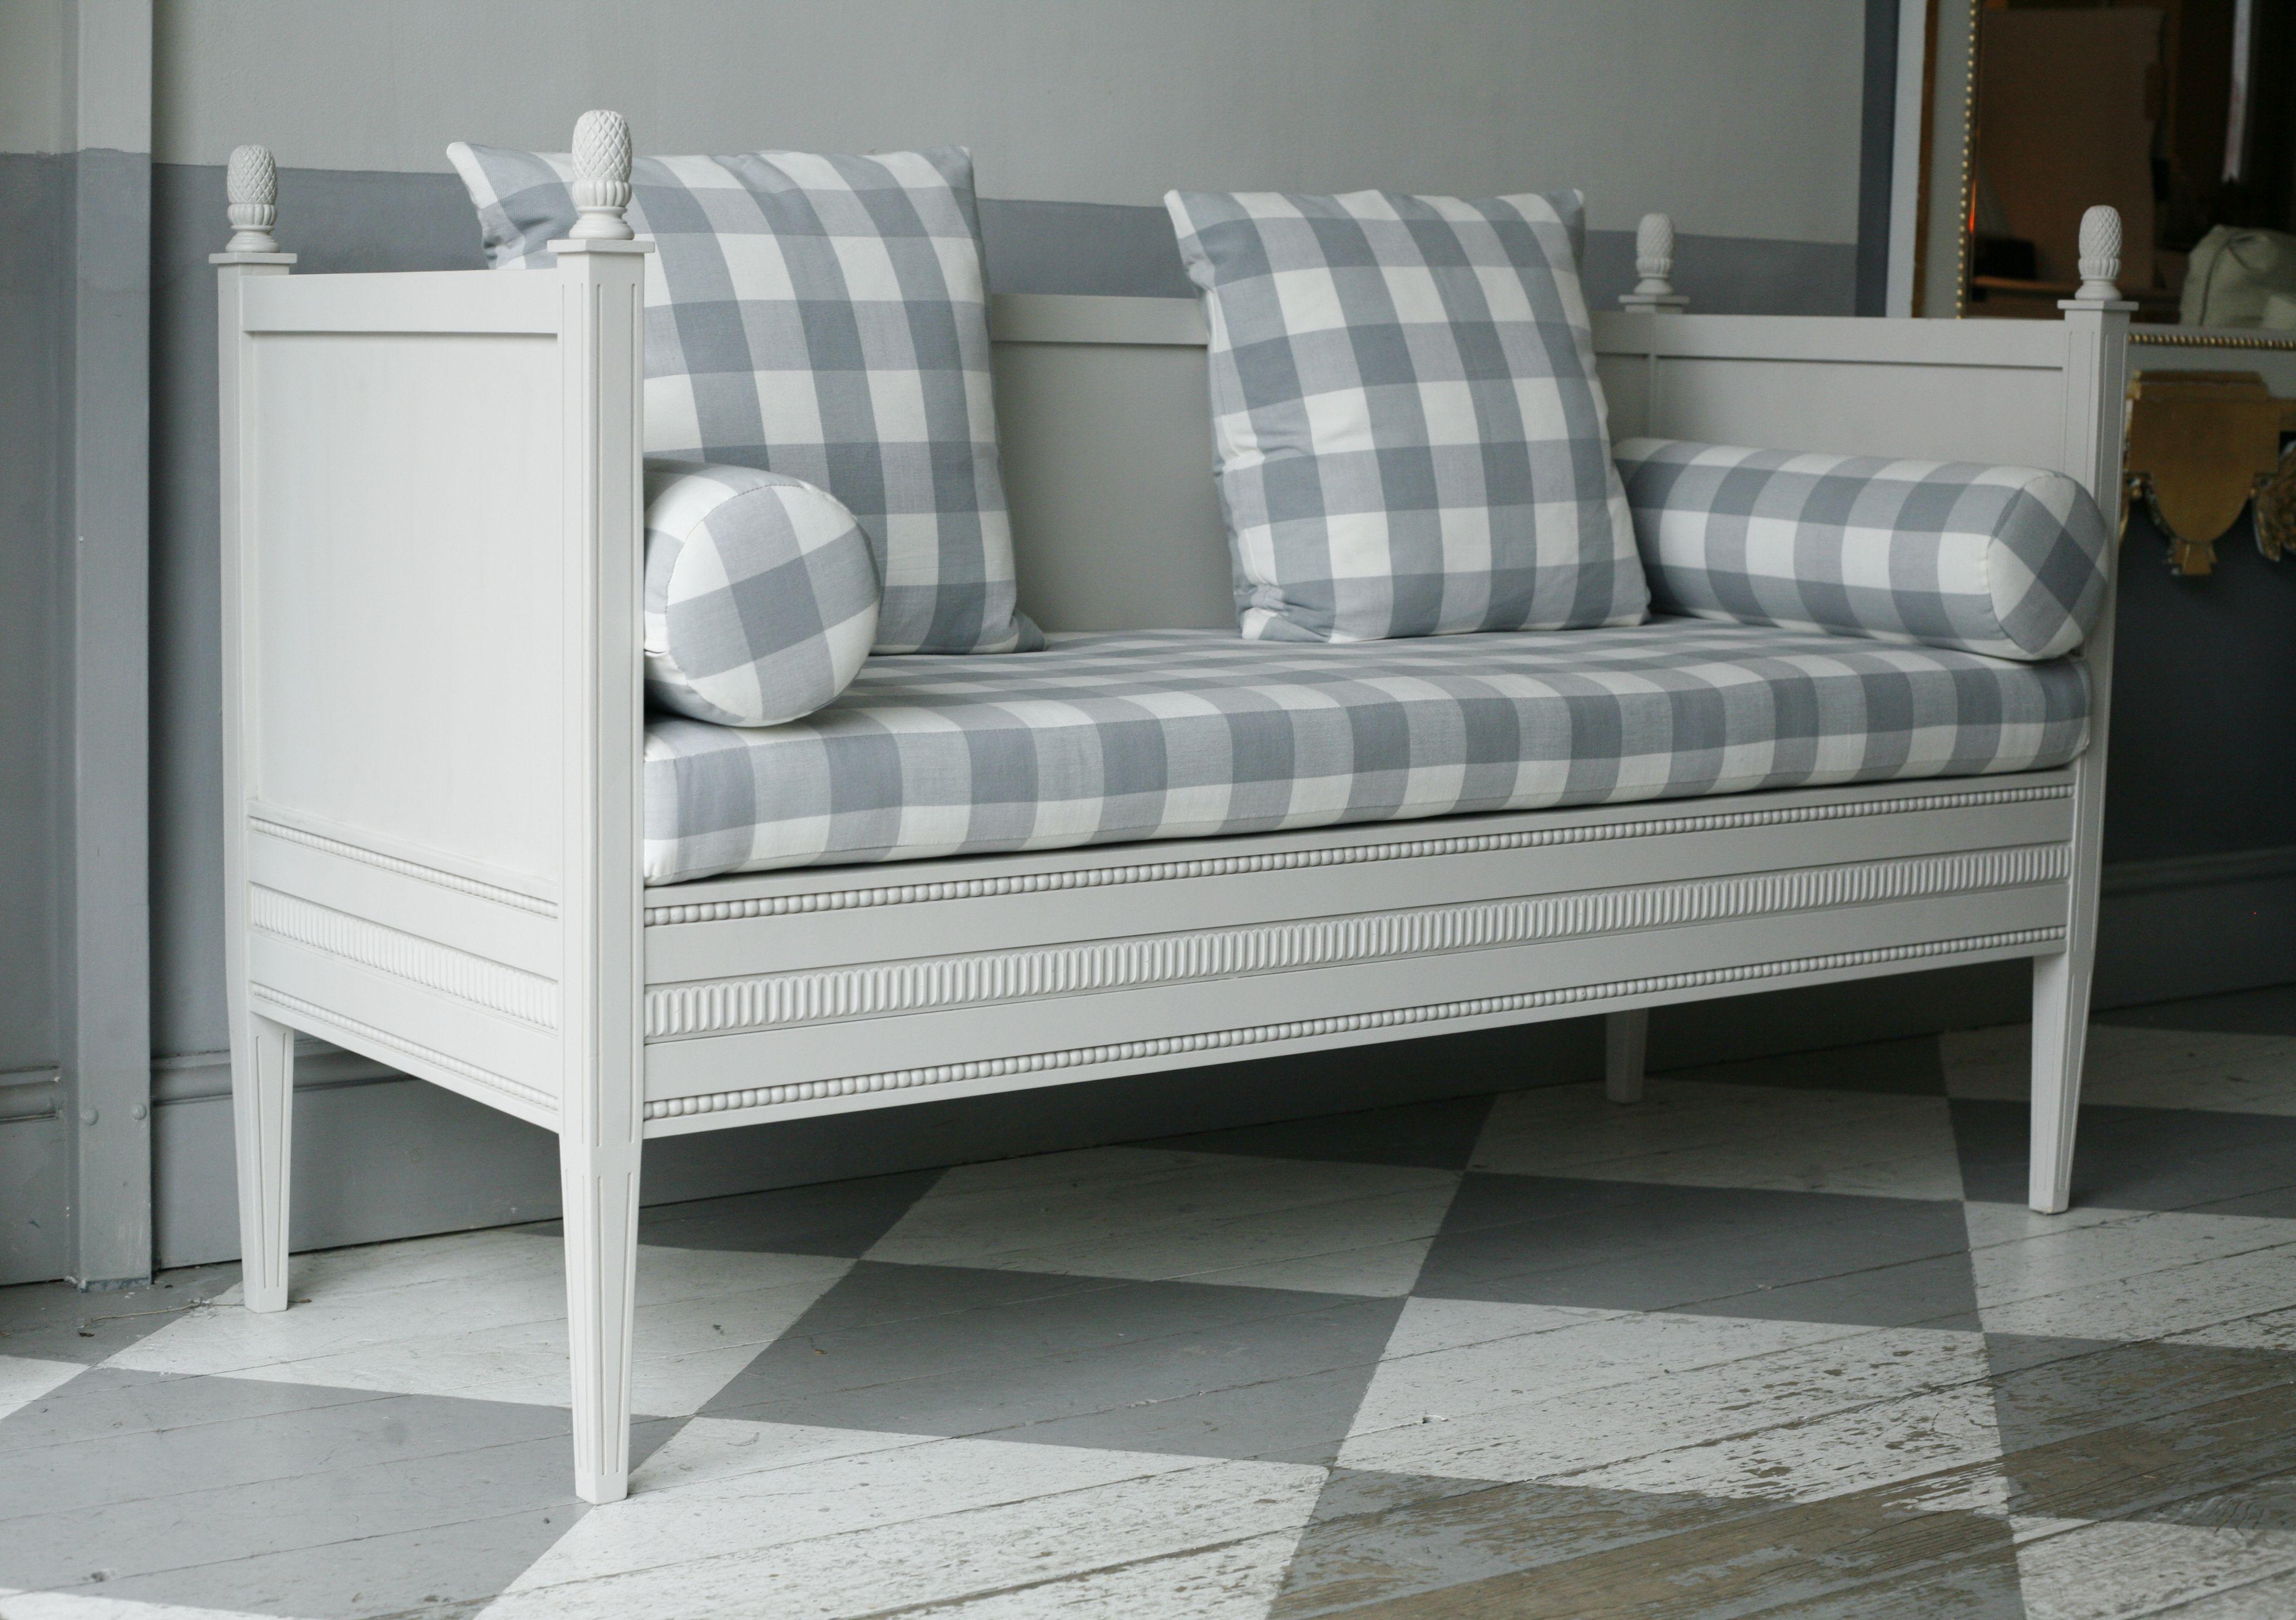 Swedish Kitchen Sofa Swedish furniture, Sofa, Bespoke